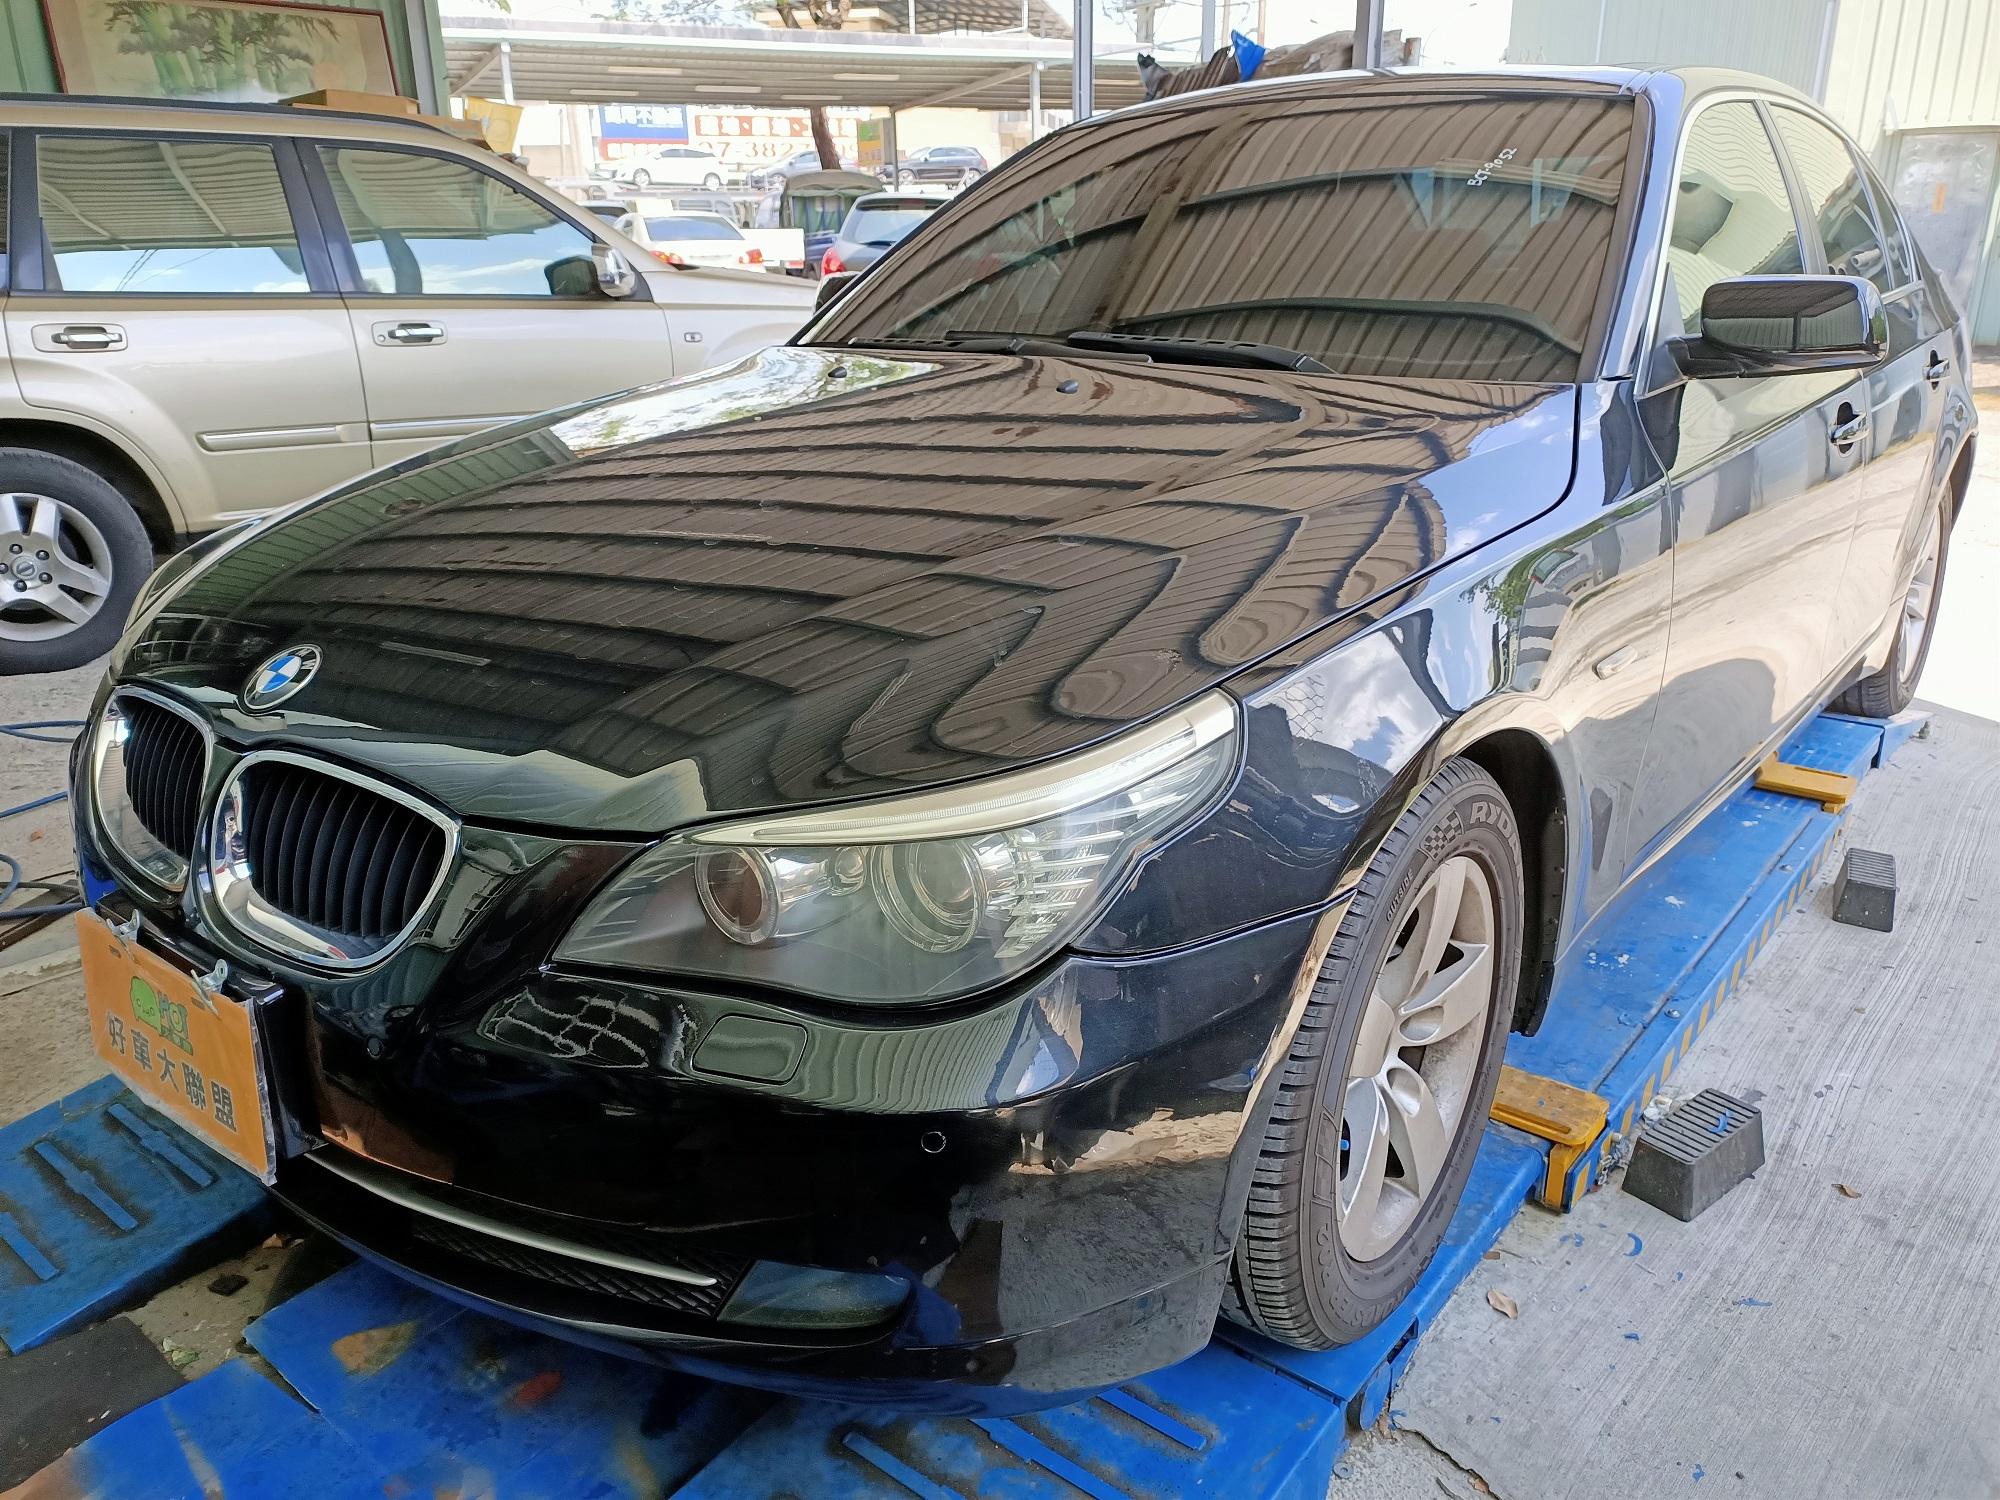 BMW 寶馬 2007 5-Series Sedan